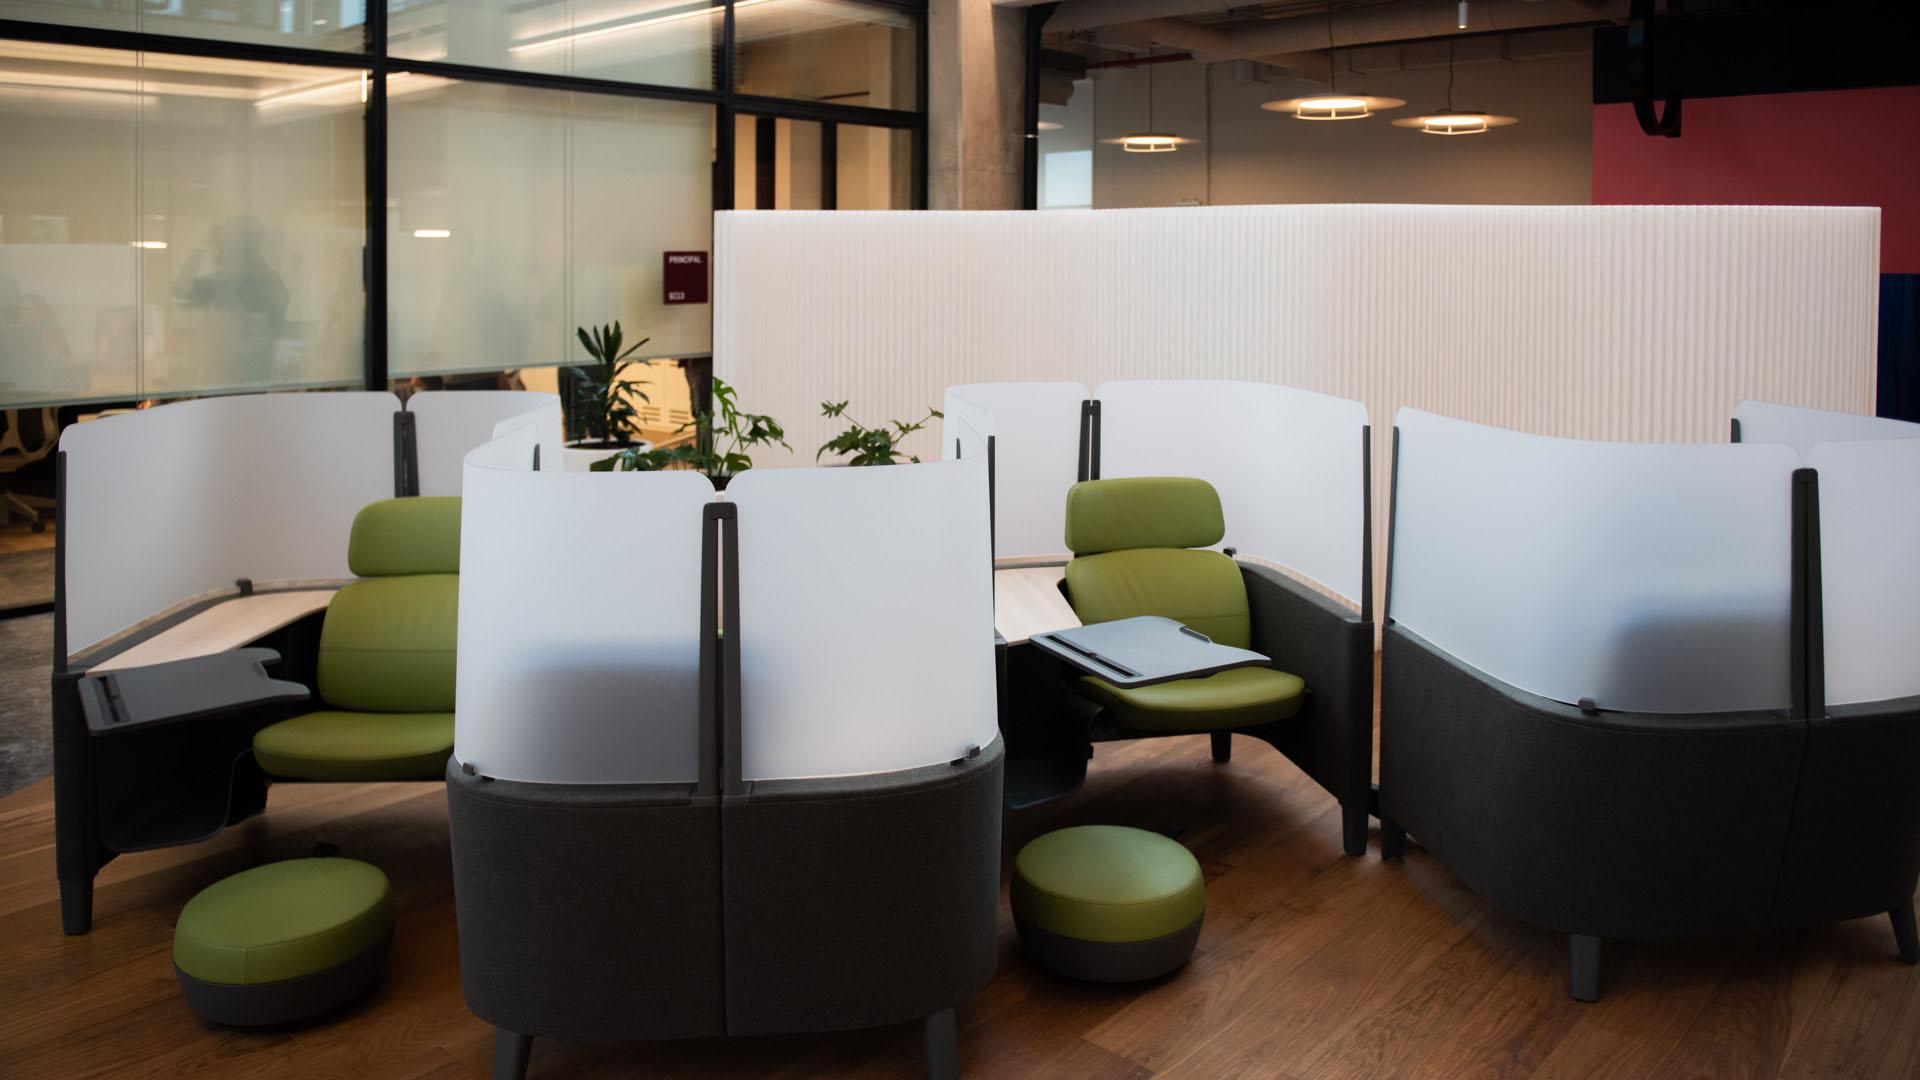 La construcción también cuenta con lugares para hacer videollamadas individuales que priorizan la privacidad